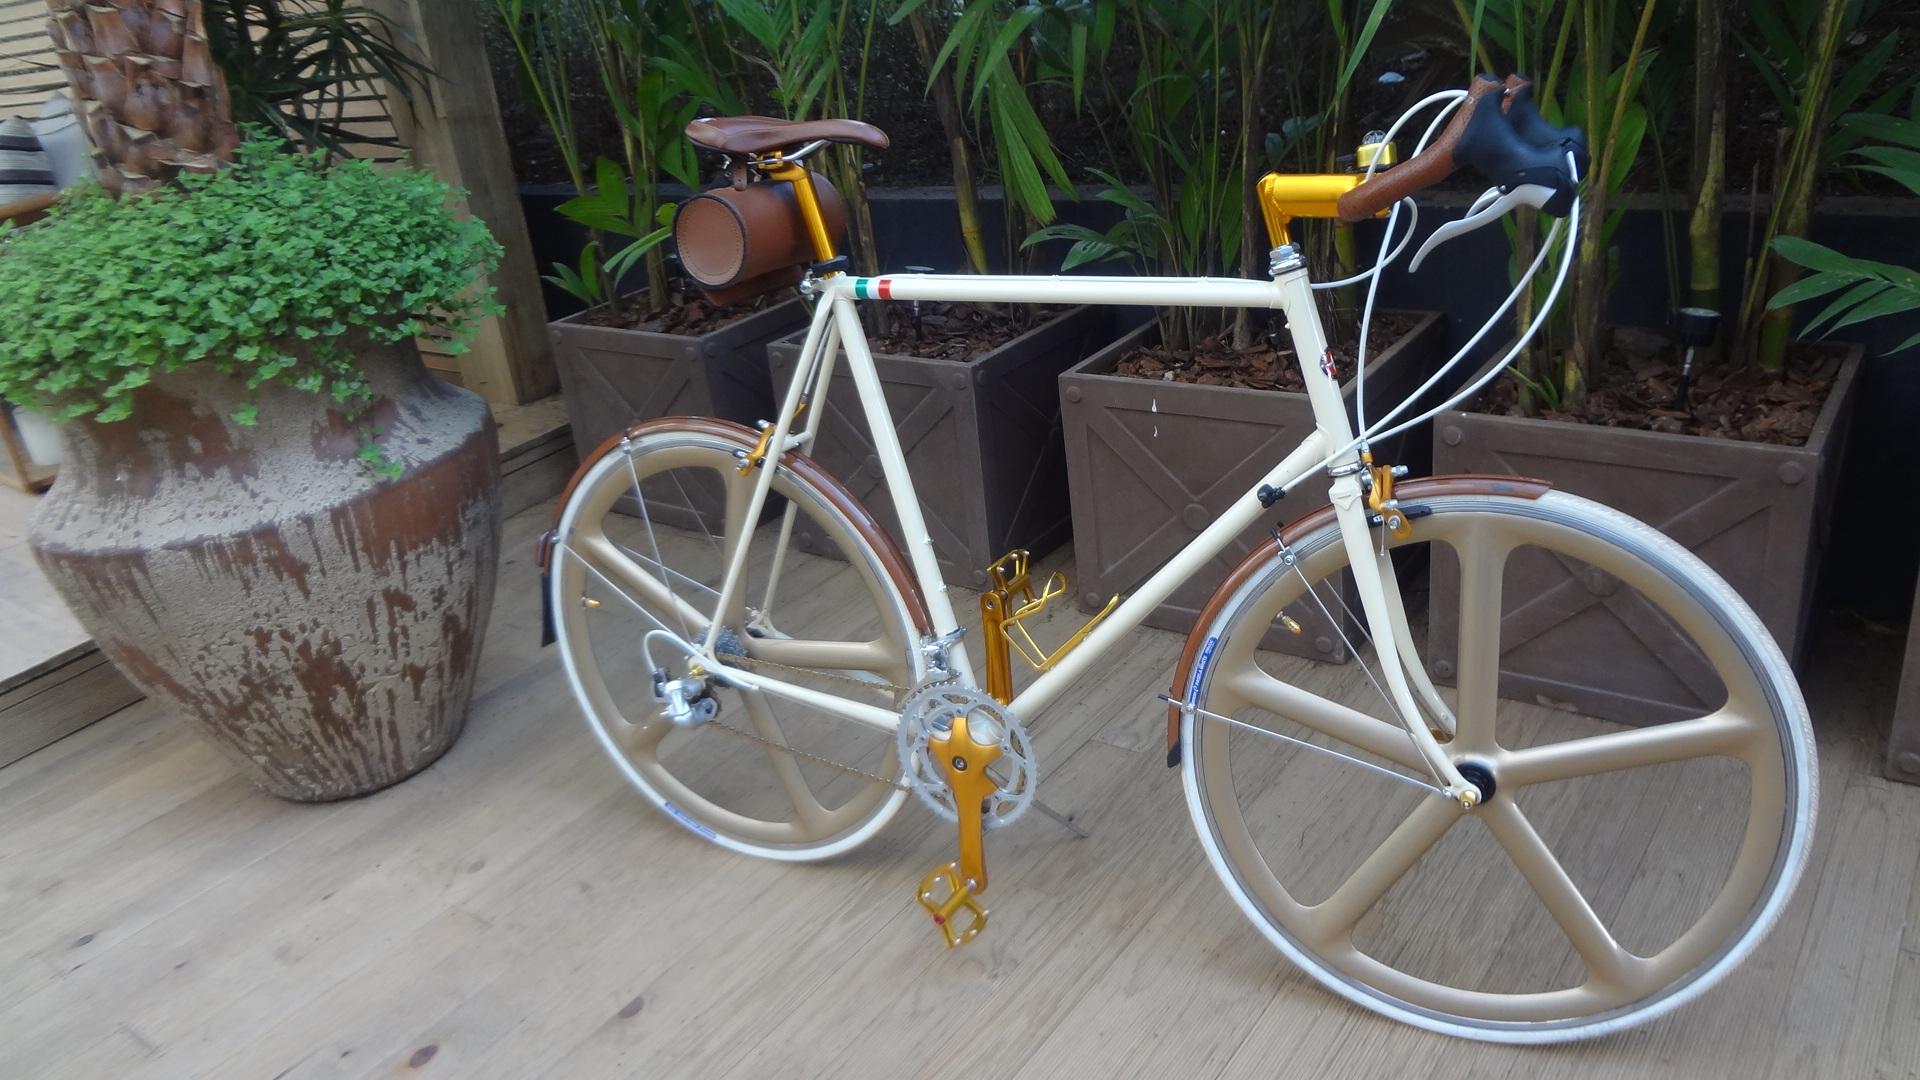 Images Gratuites : roue, Chariot, vélo, bicyclette, décoration ...